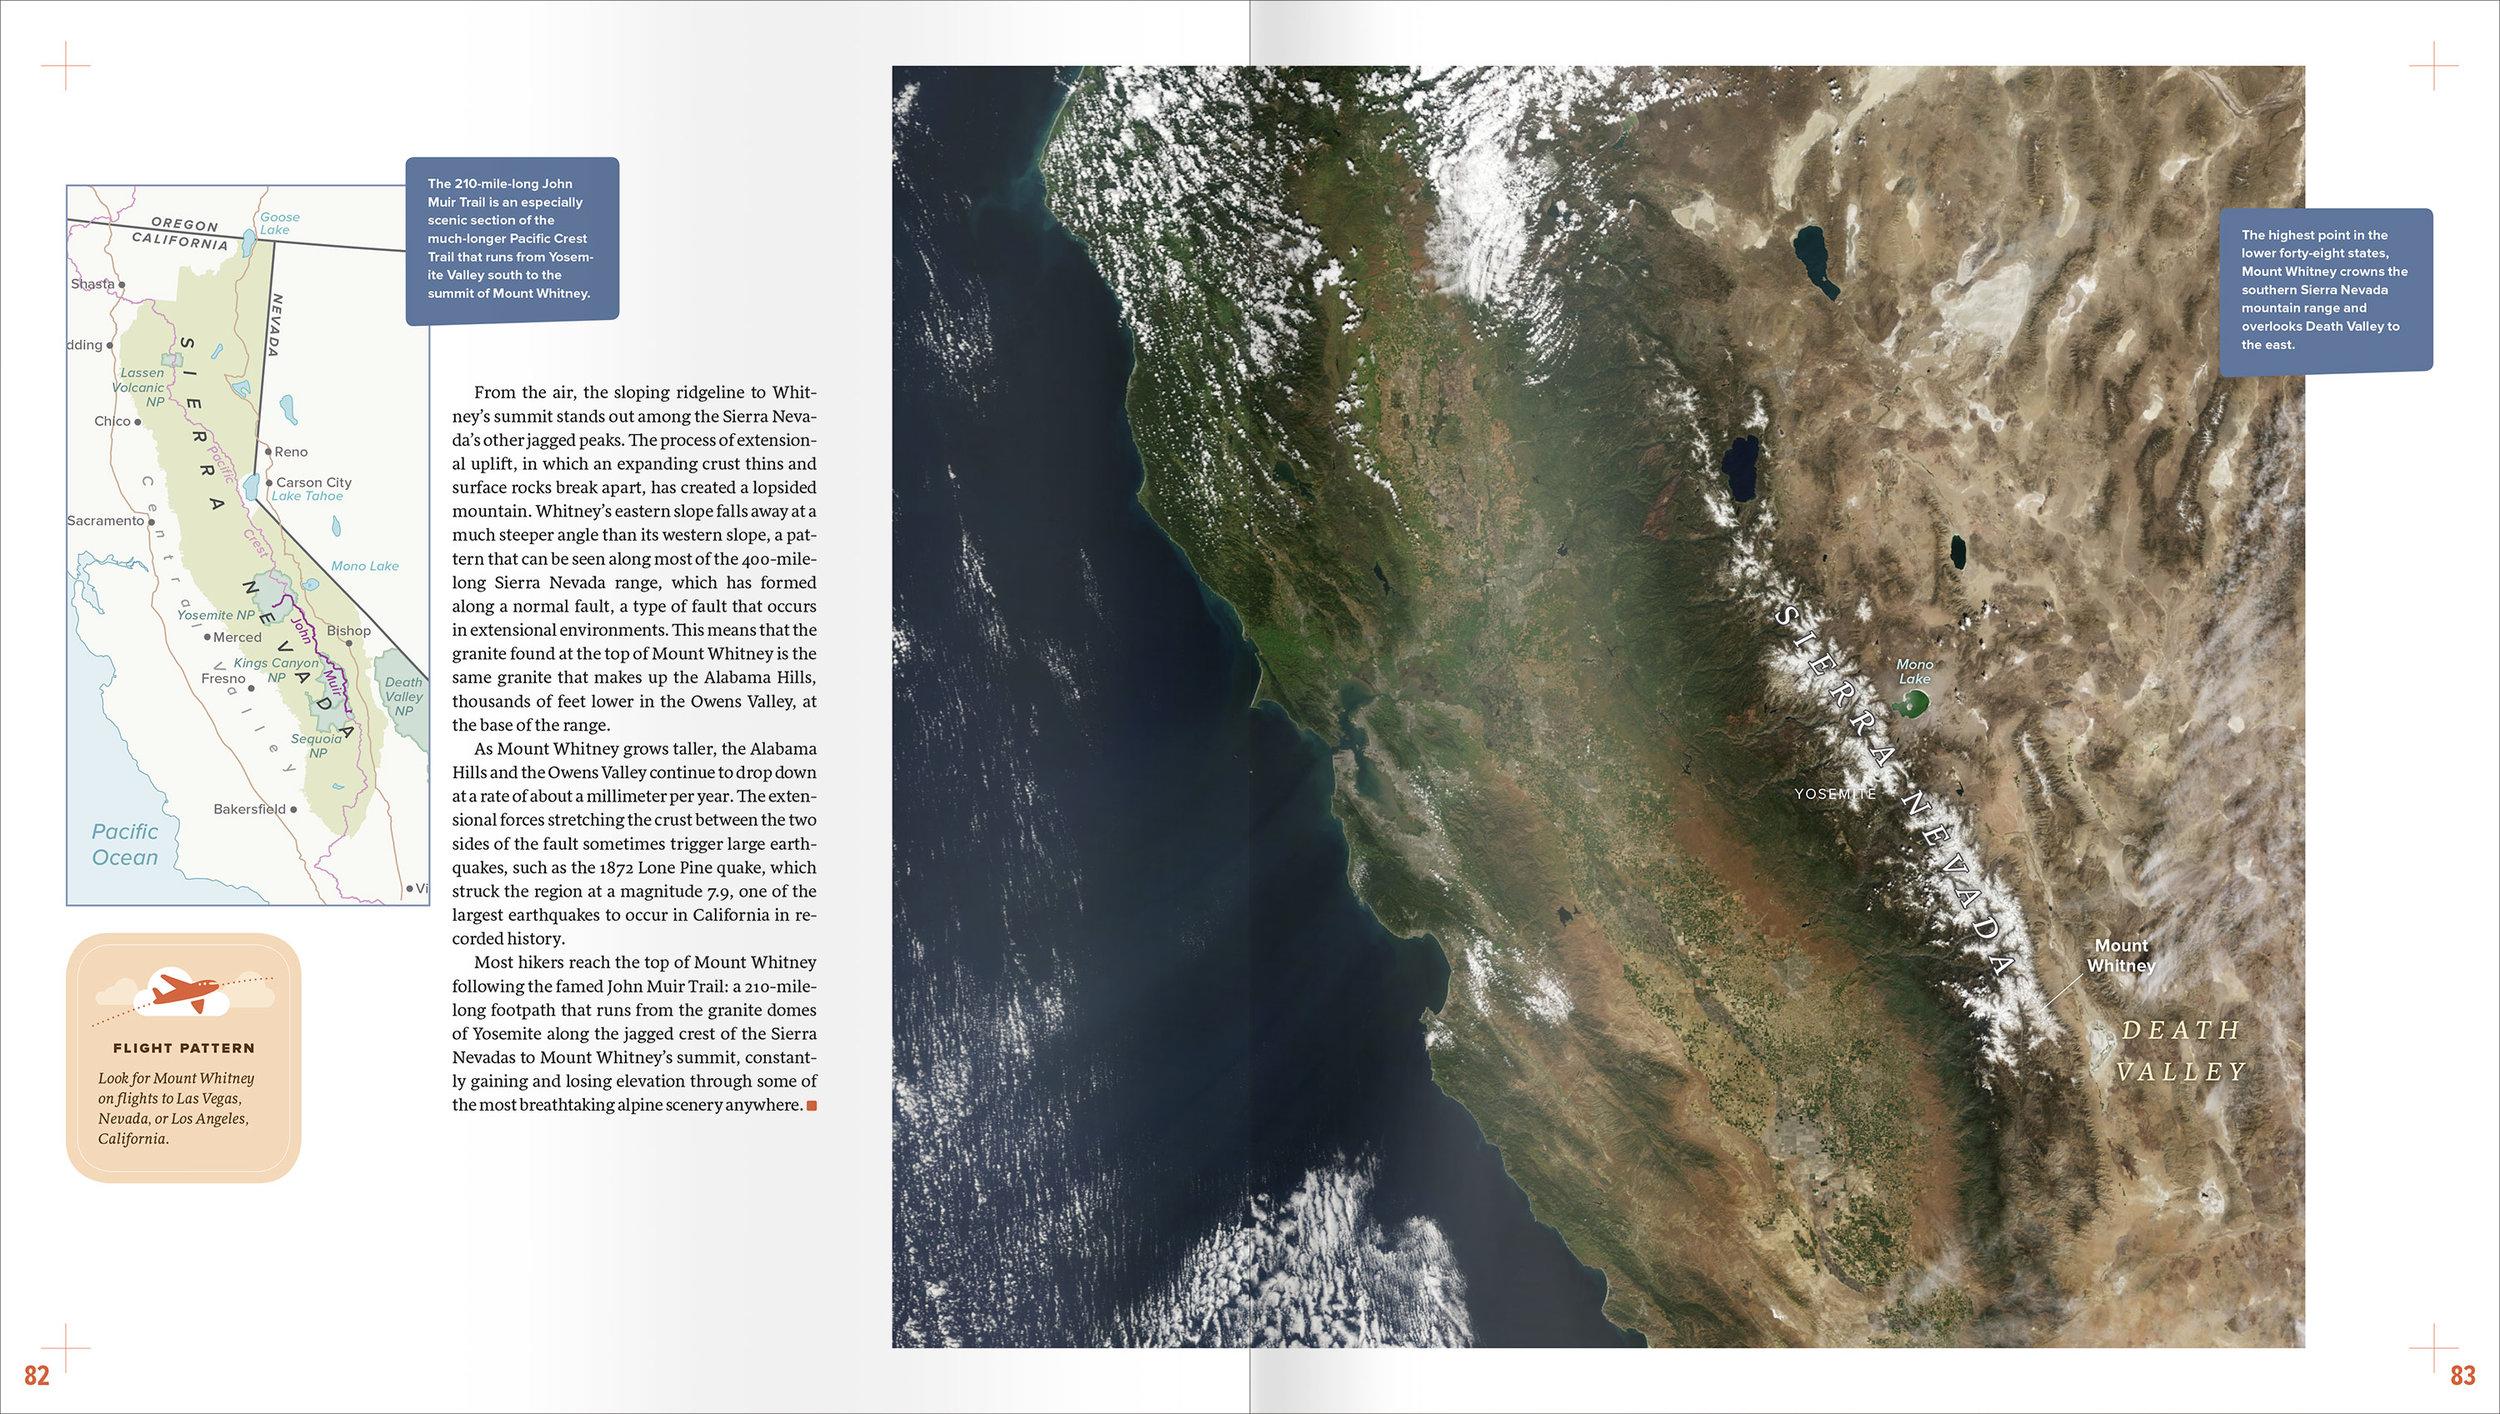 Morton_AerialGeology_spreads_007.jpg